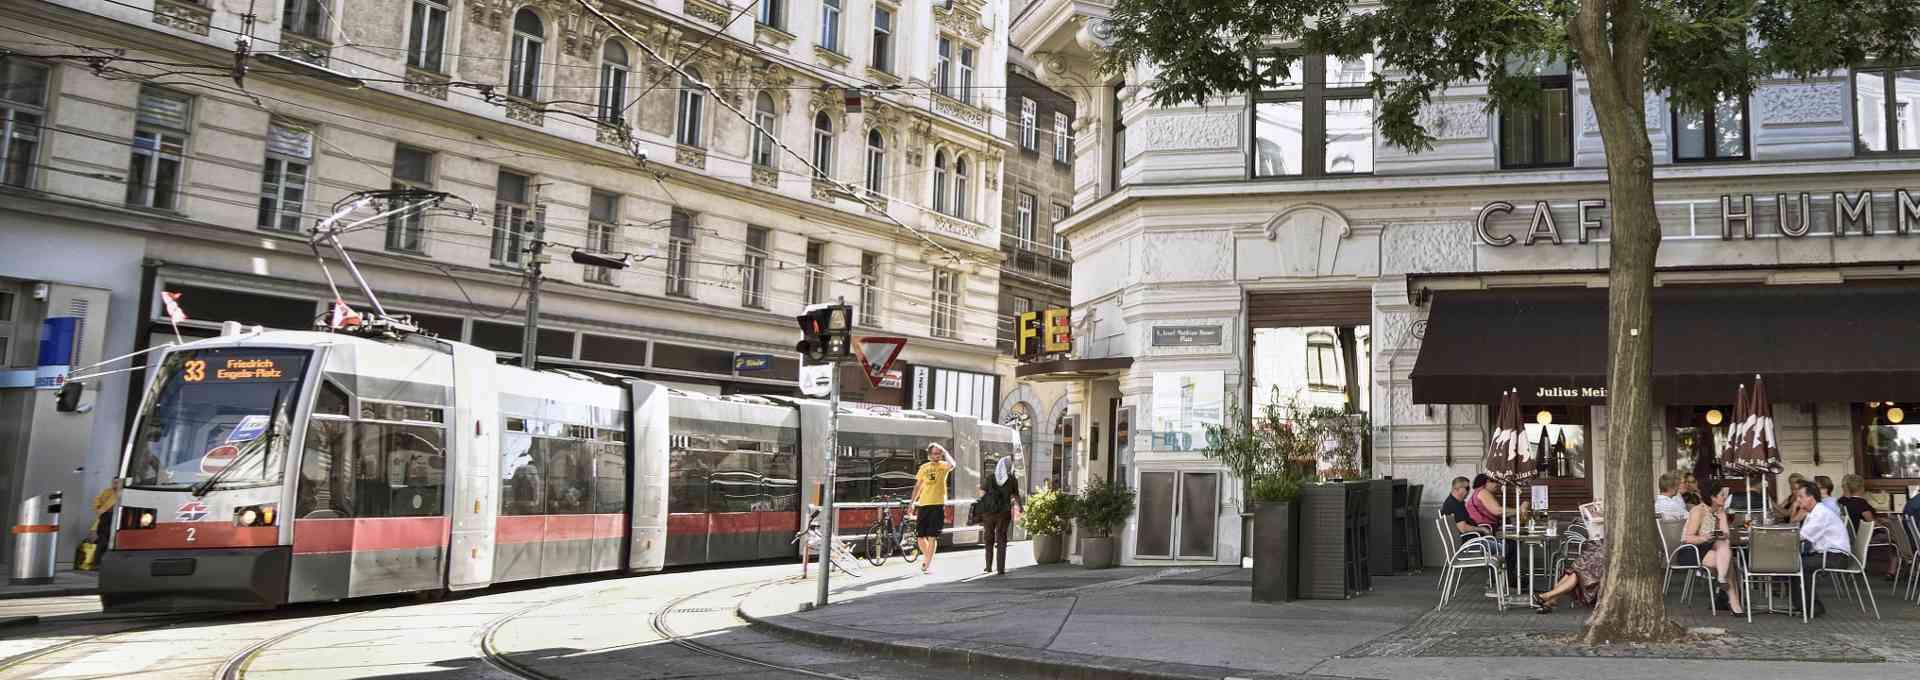 Linie 33 beim Café Hummel in der Josefstadt